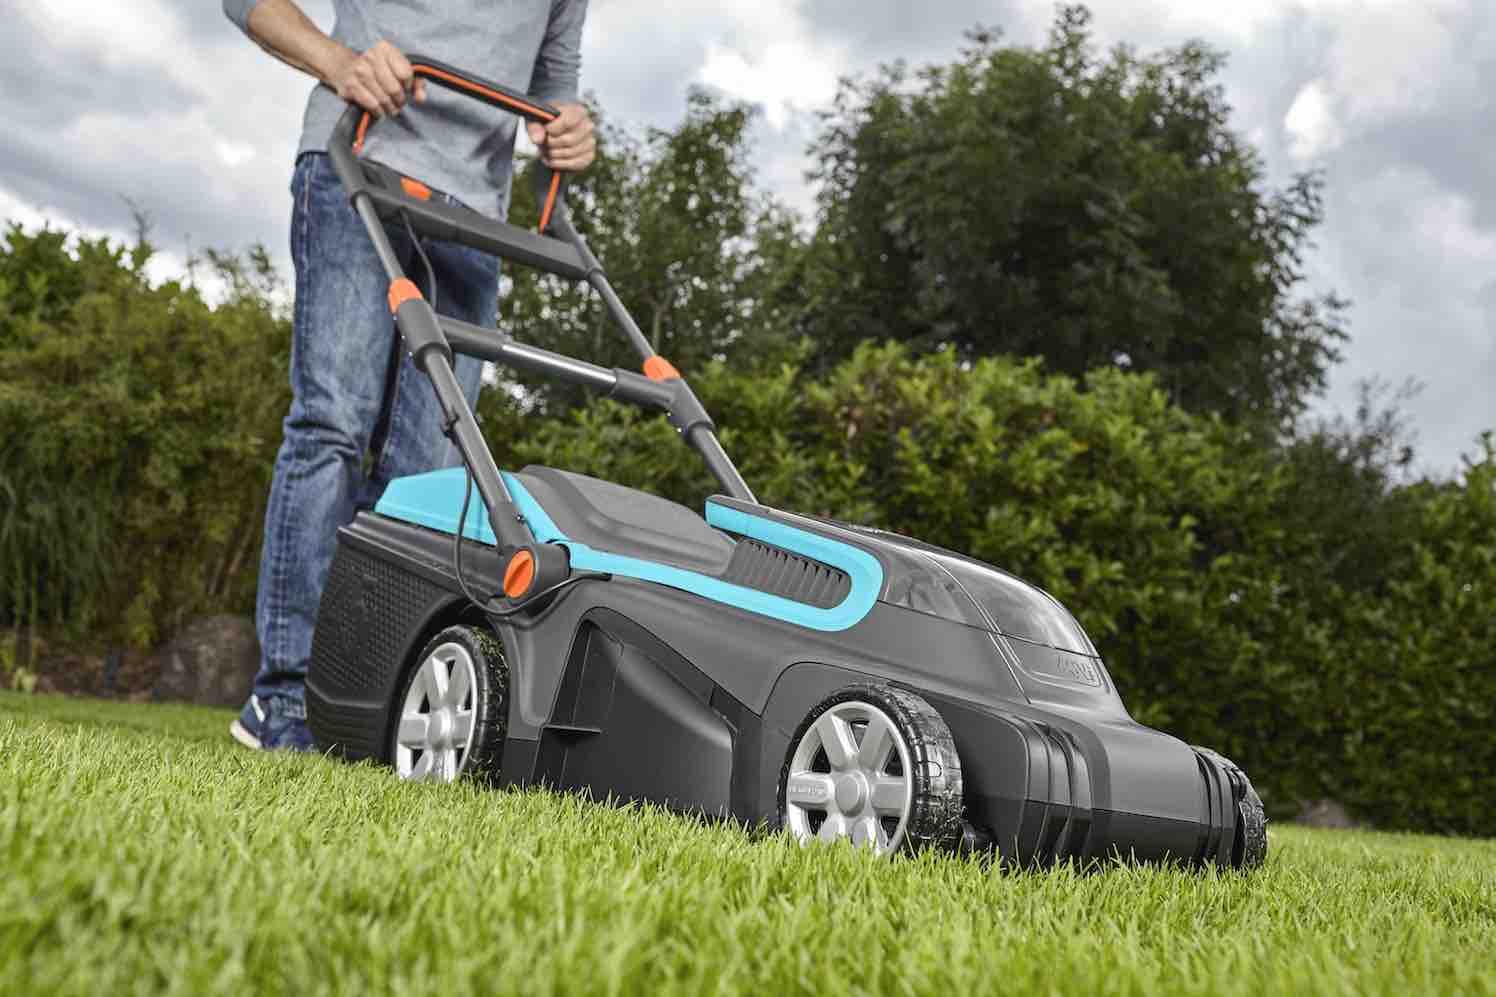 1 Покупаем газонокосилку: кому подойдет модель на аккумуляторе?